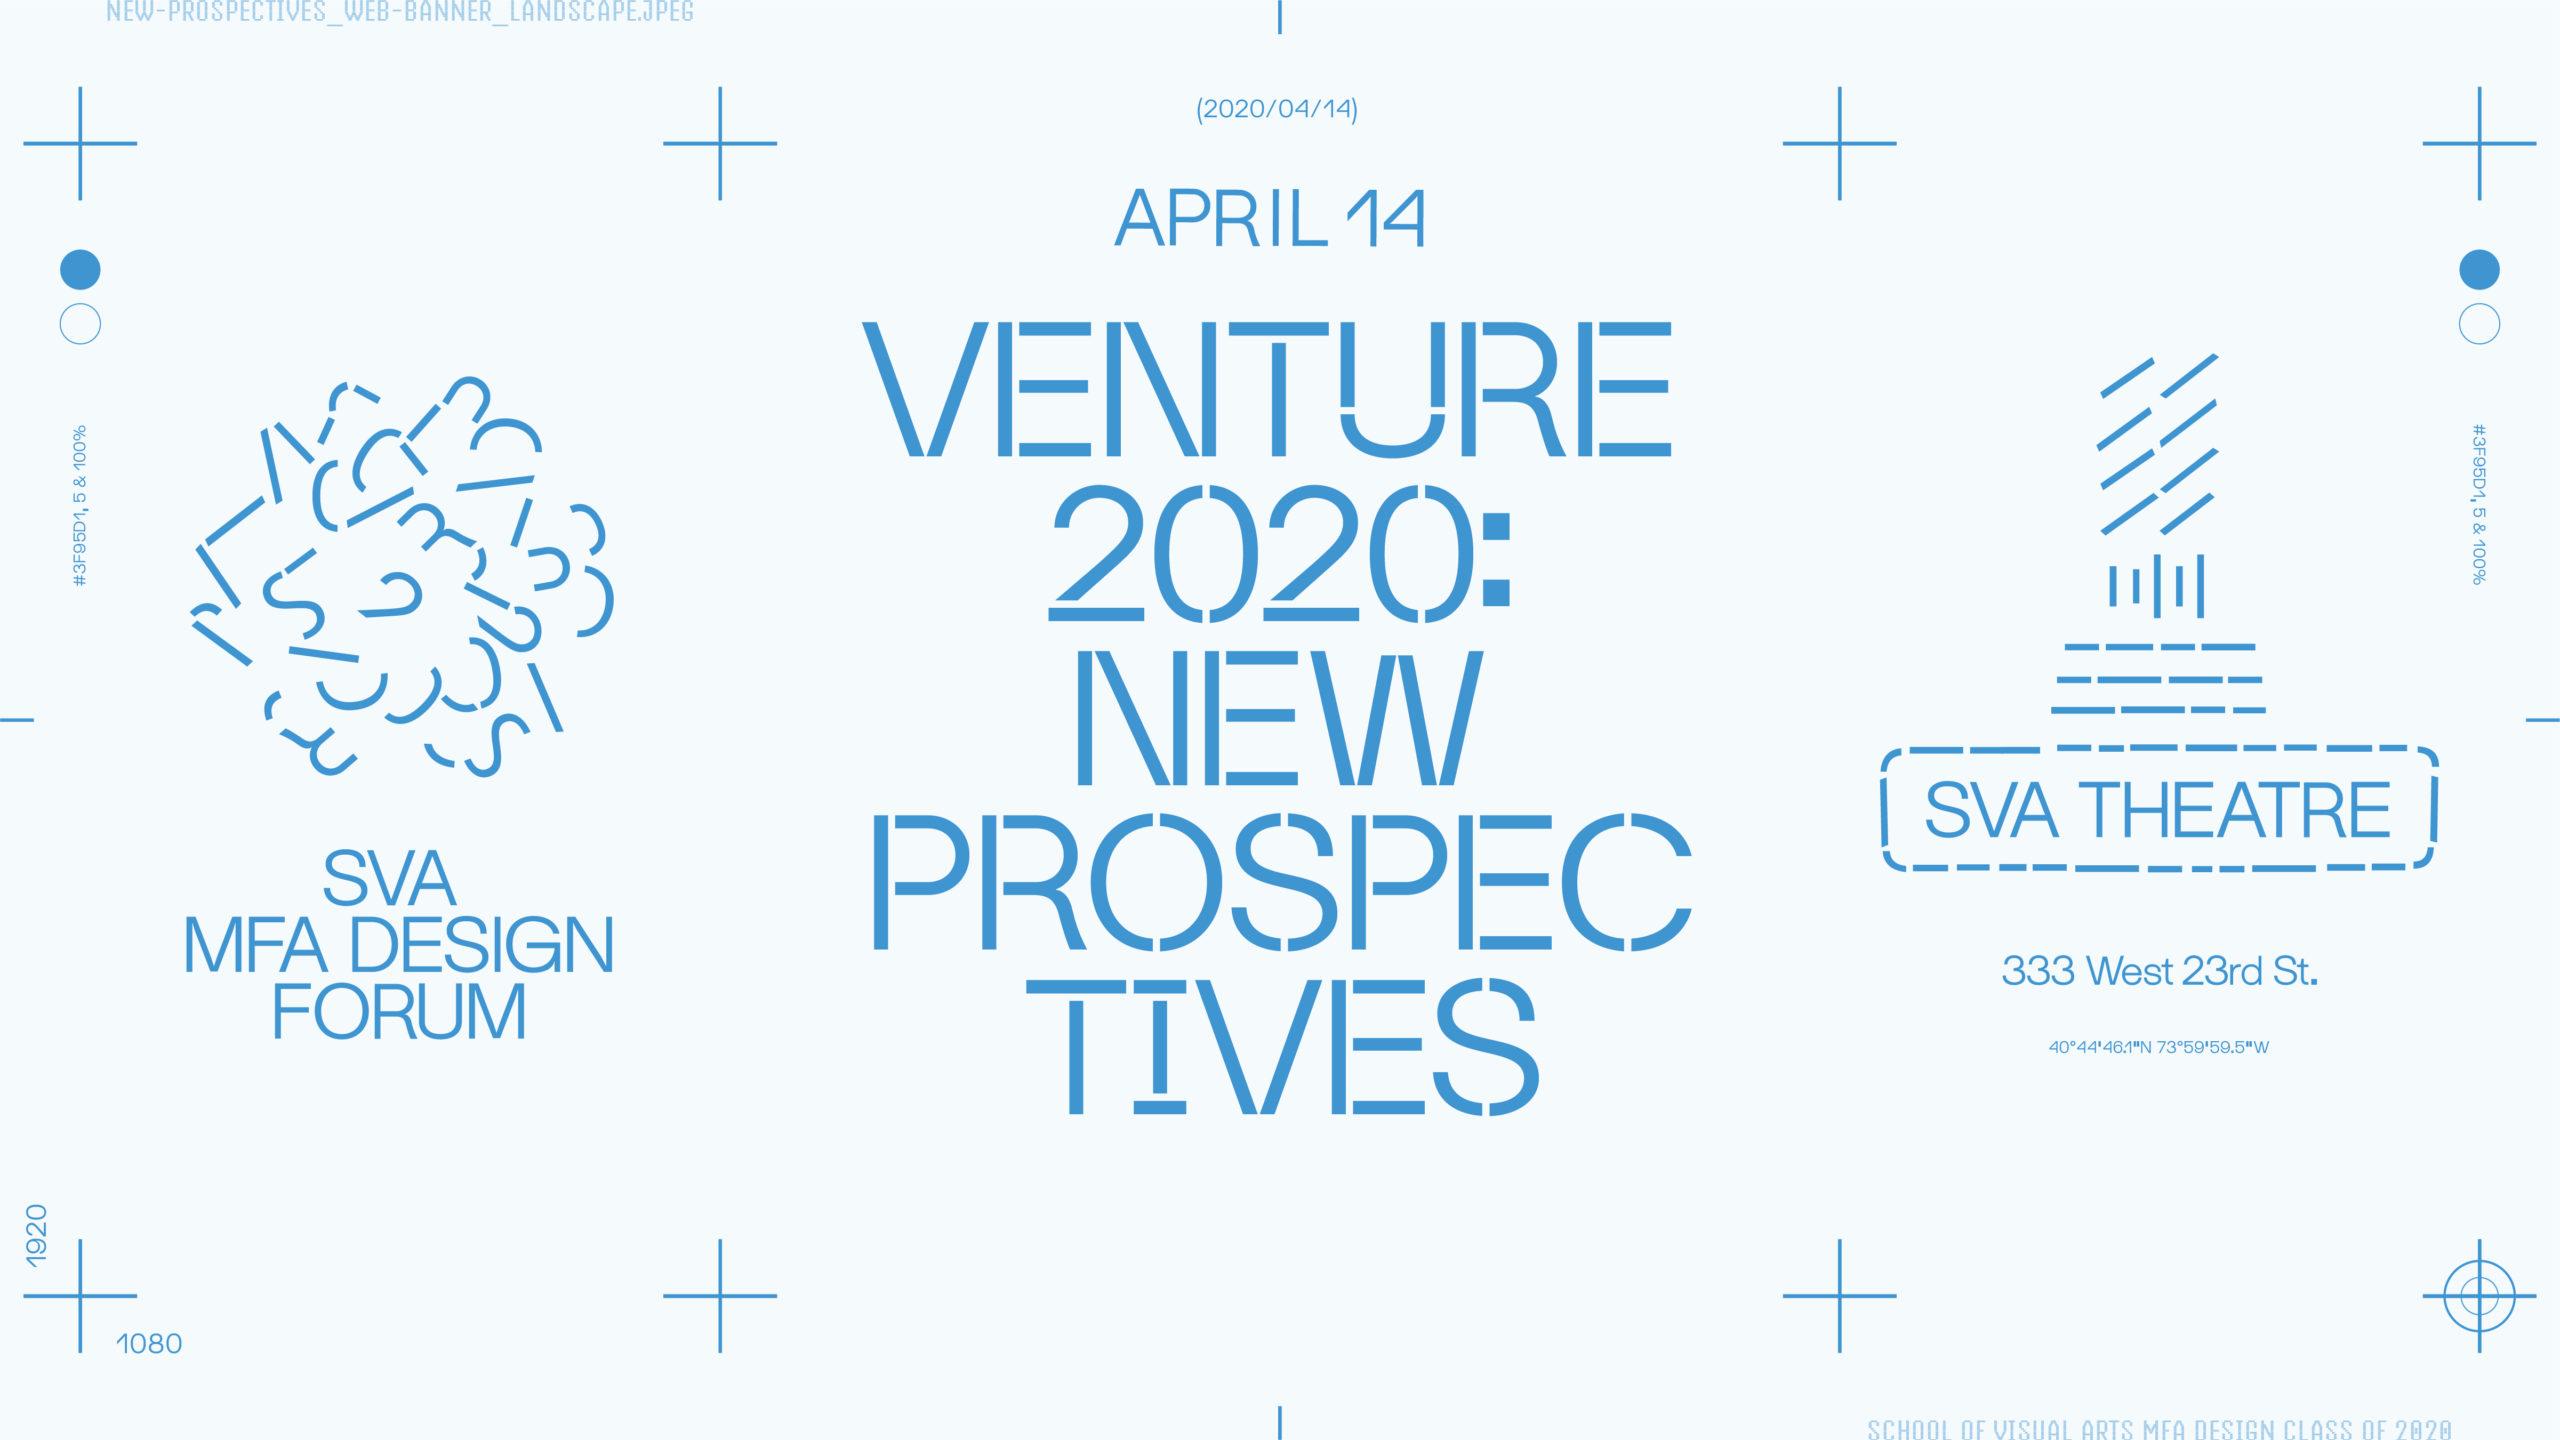 Venture 2020 at the SVA theatre April 14th 2020